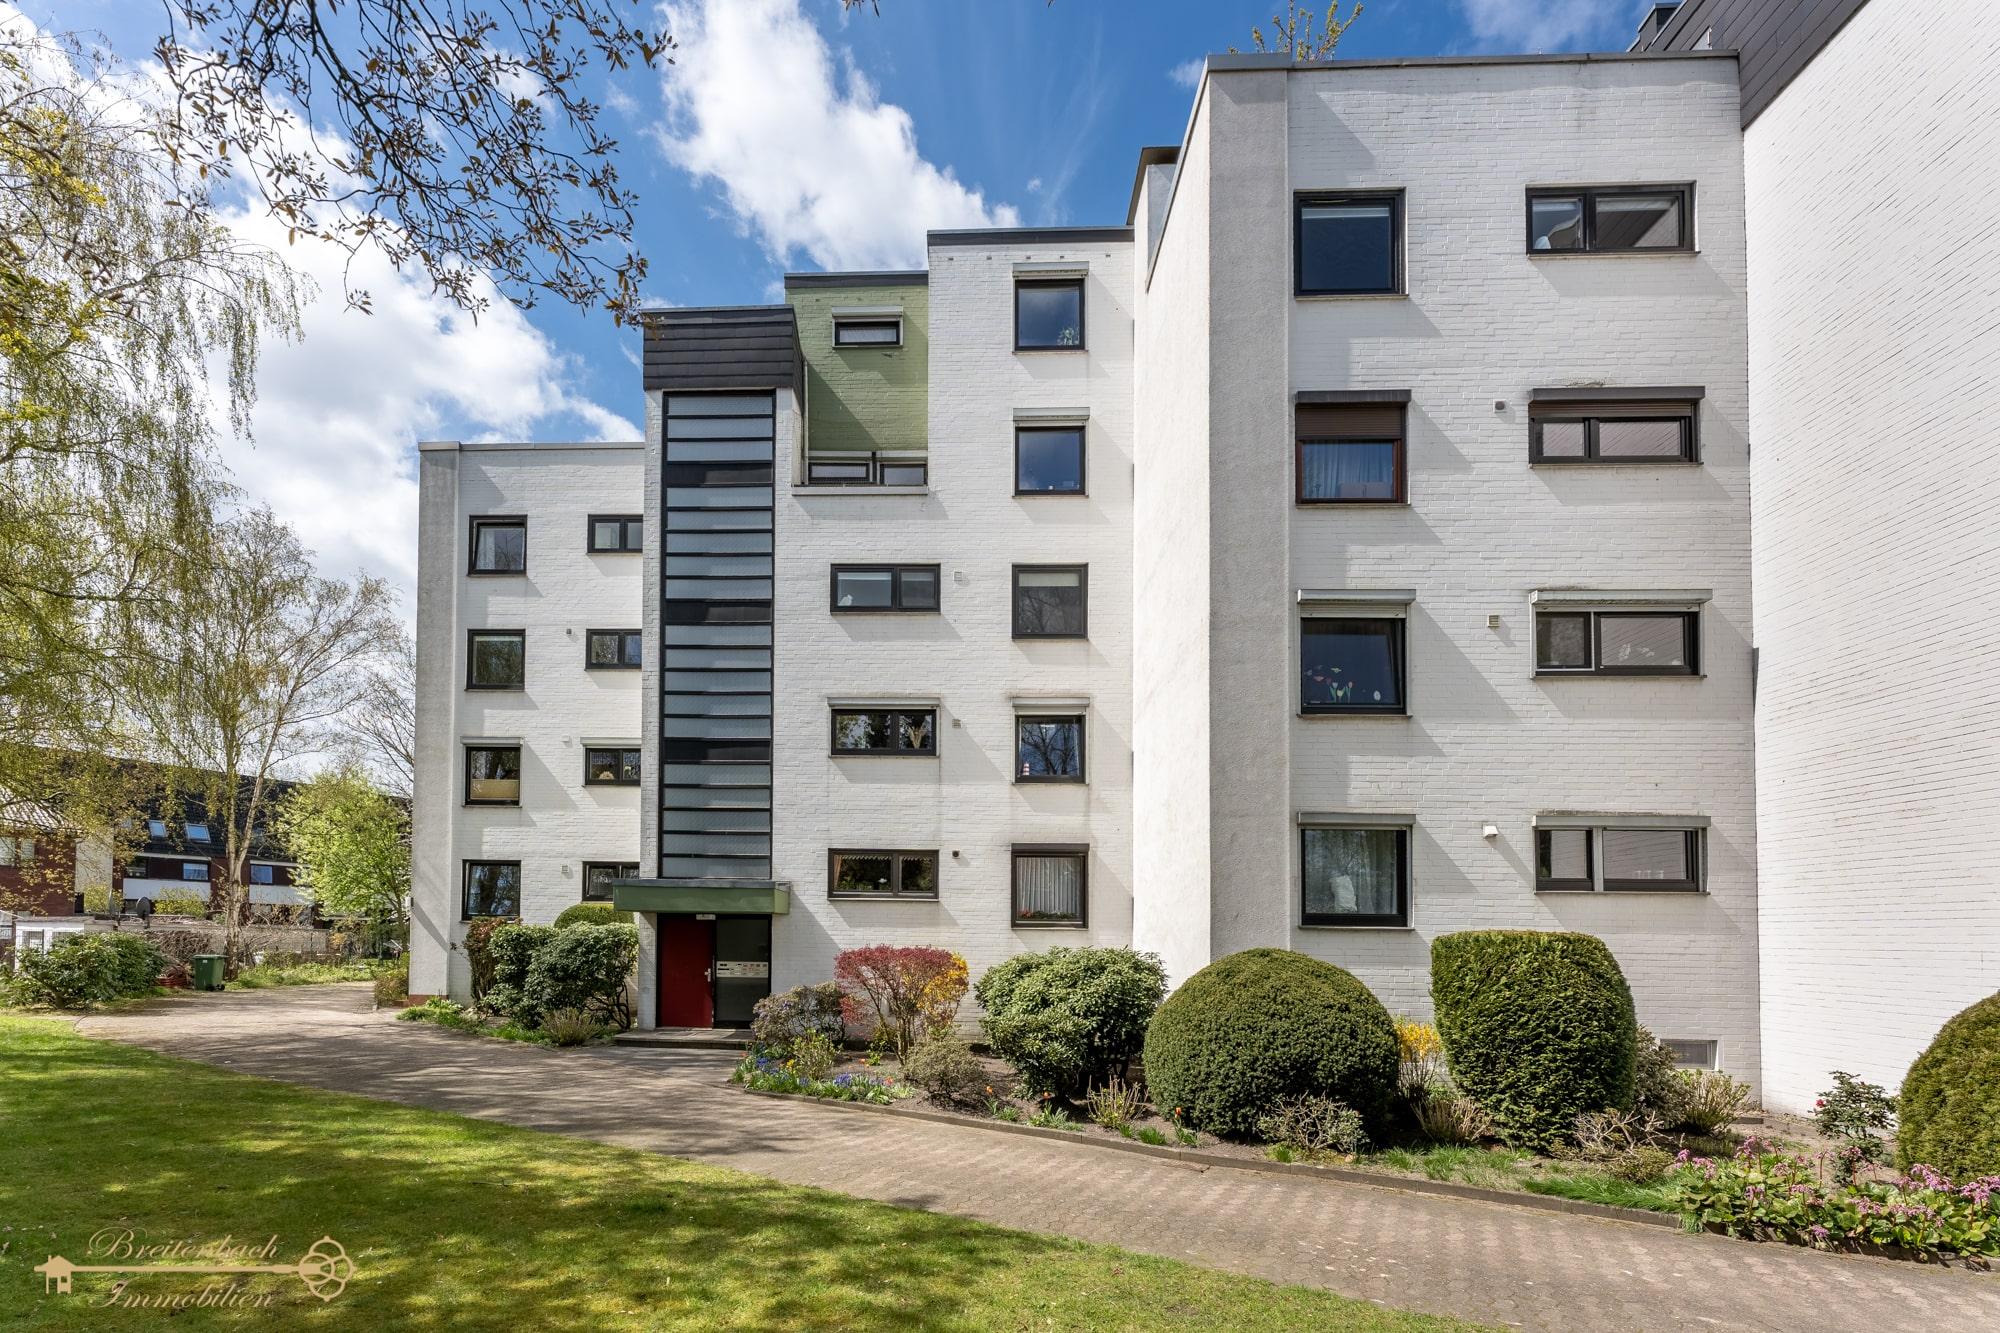 2021-04-24-Breitenbach-Immobilien-Makler-Bremen-3-min